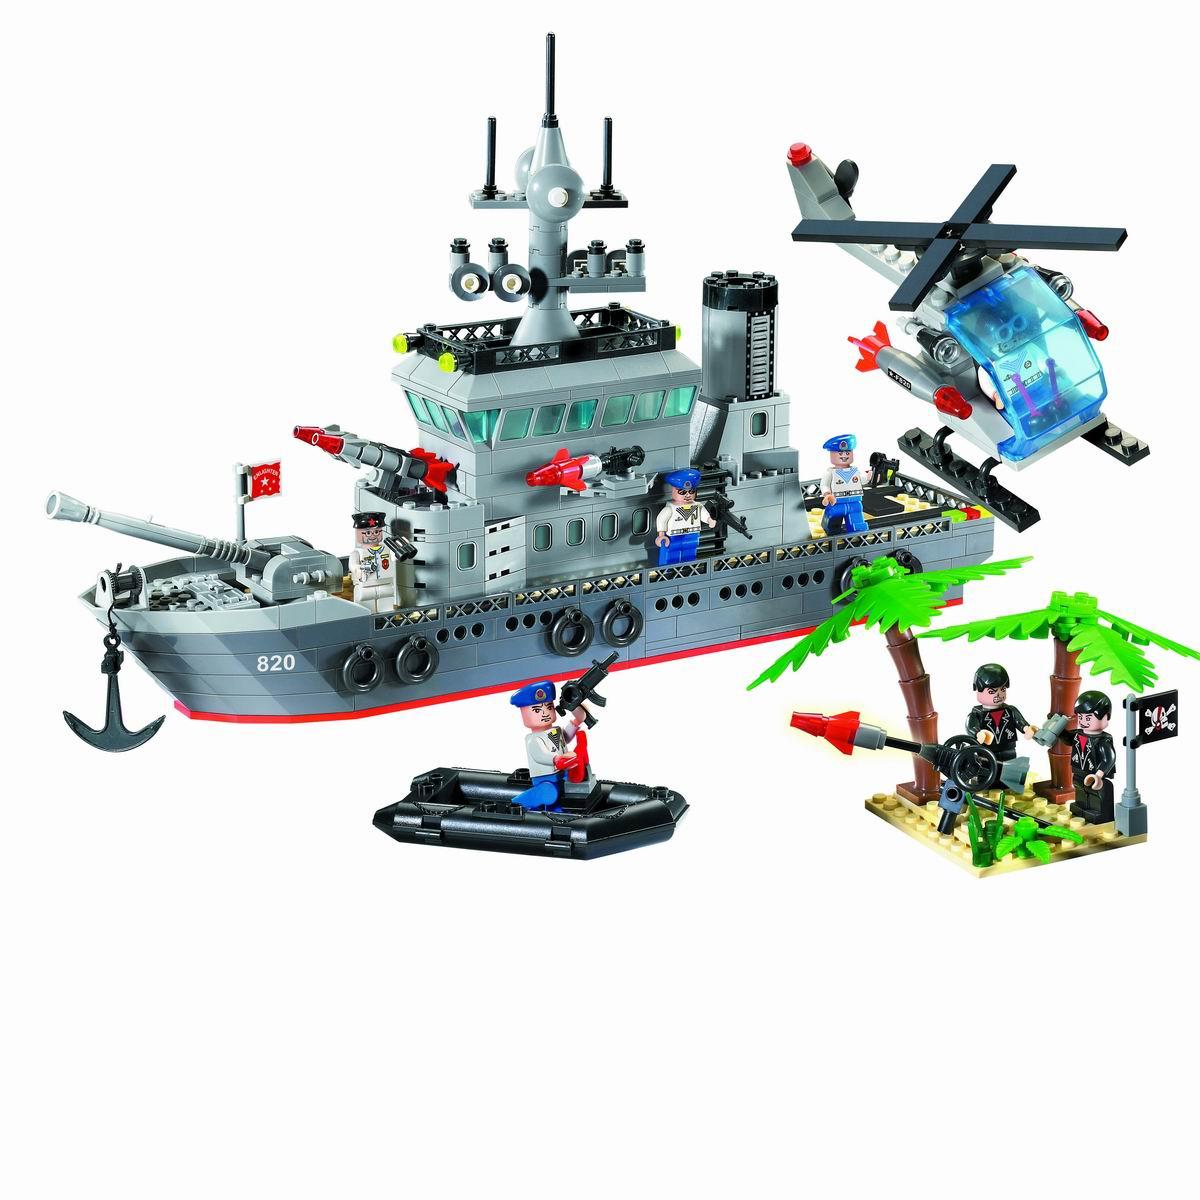 Лего военная техника купить в украине